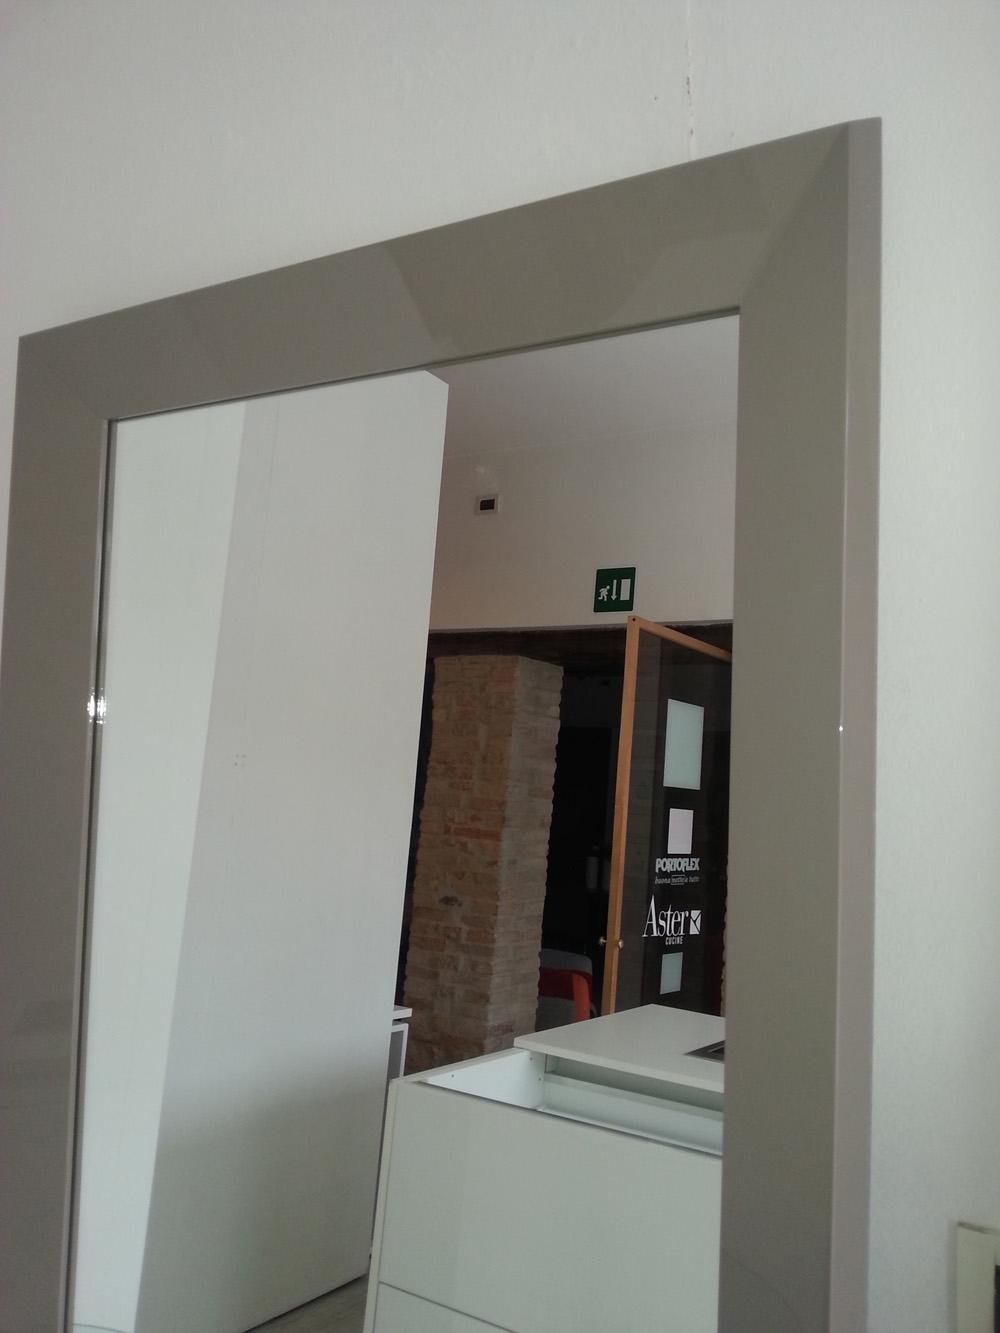 Complemento specchio design laccato lucido specchi - Altezza specchio ...